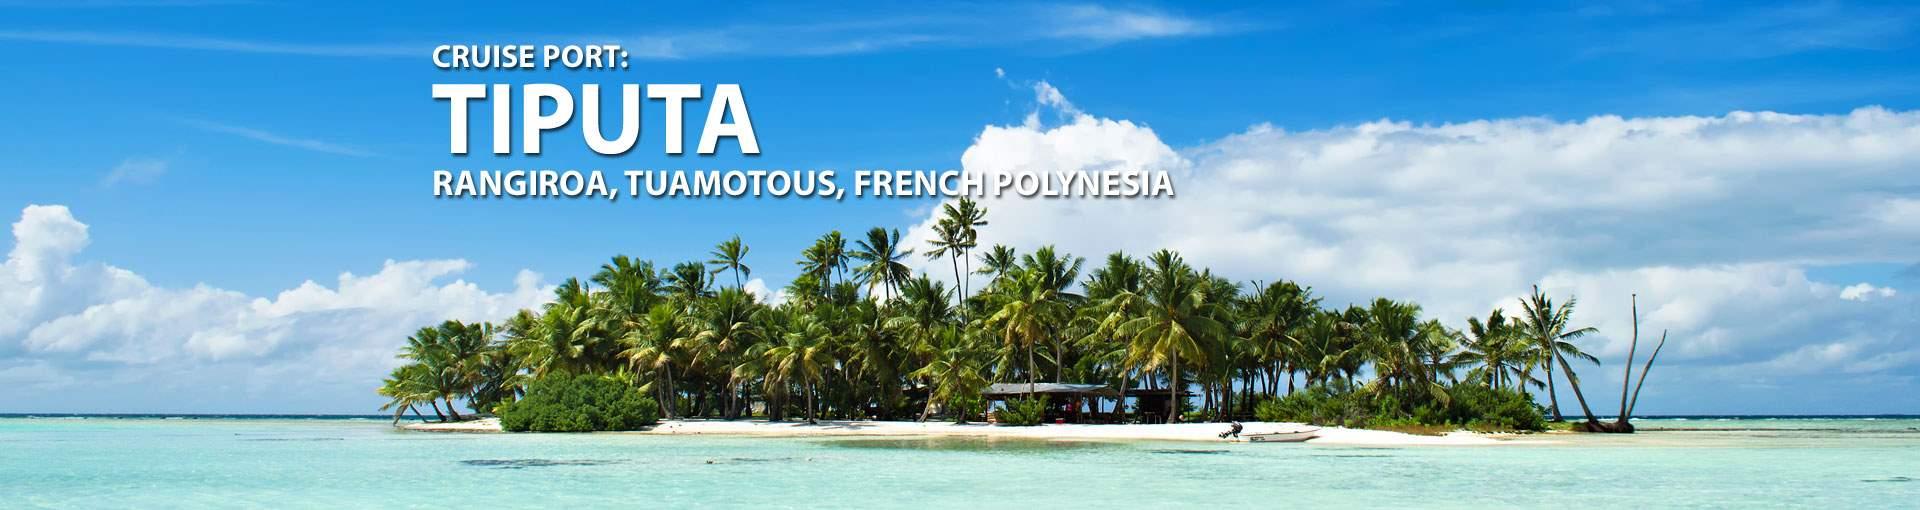 Cruises to Tiputa, Rangiroa, Tuamotus